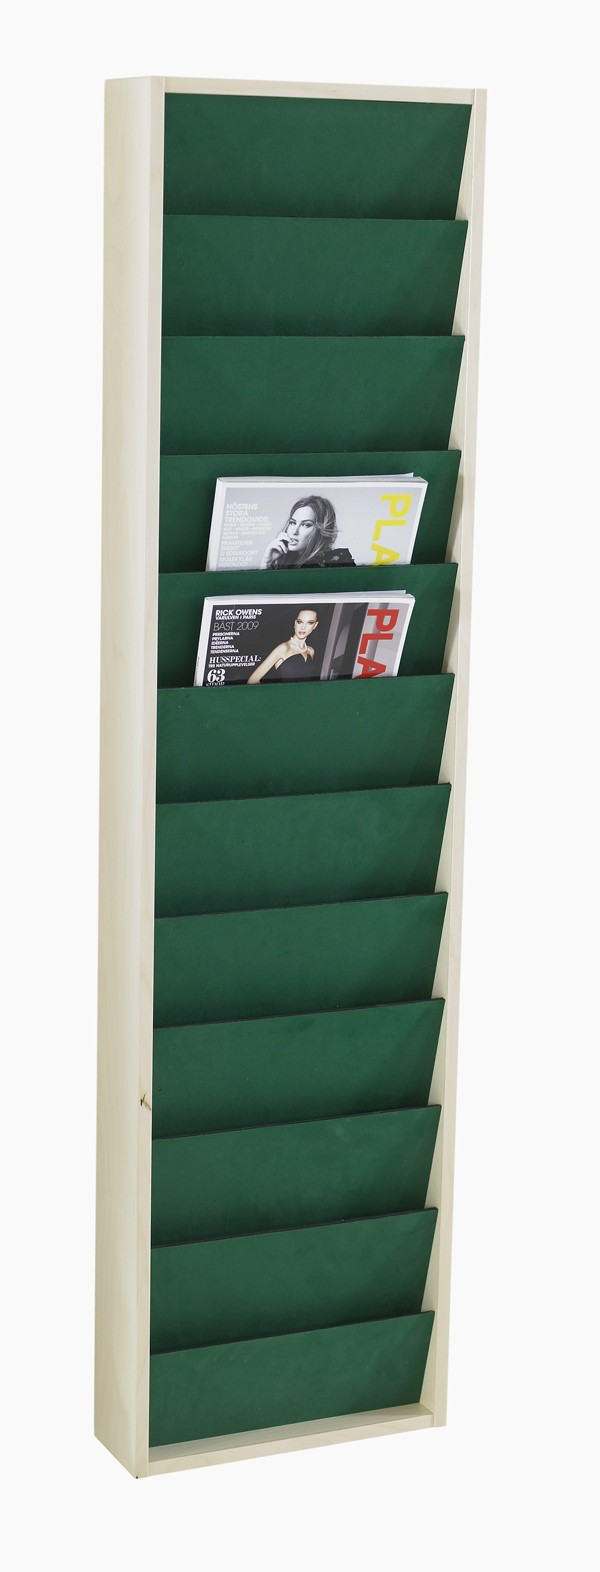 Qualitativ hochwertige Wandprospekthalter und Prospektständer-p 2 4 0 2 2402 Rida Zeitschriftenwand-